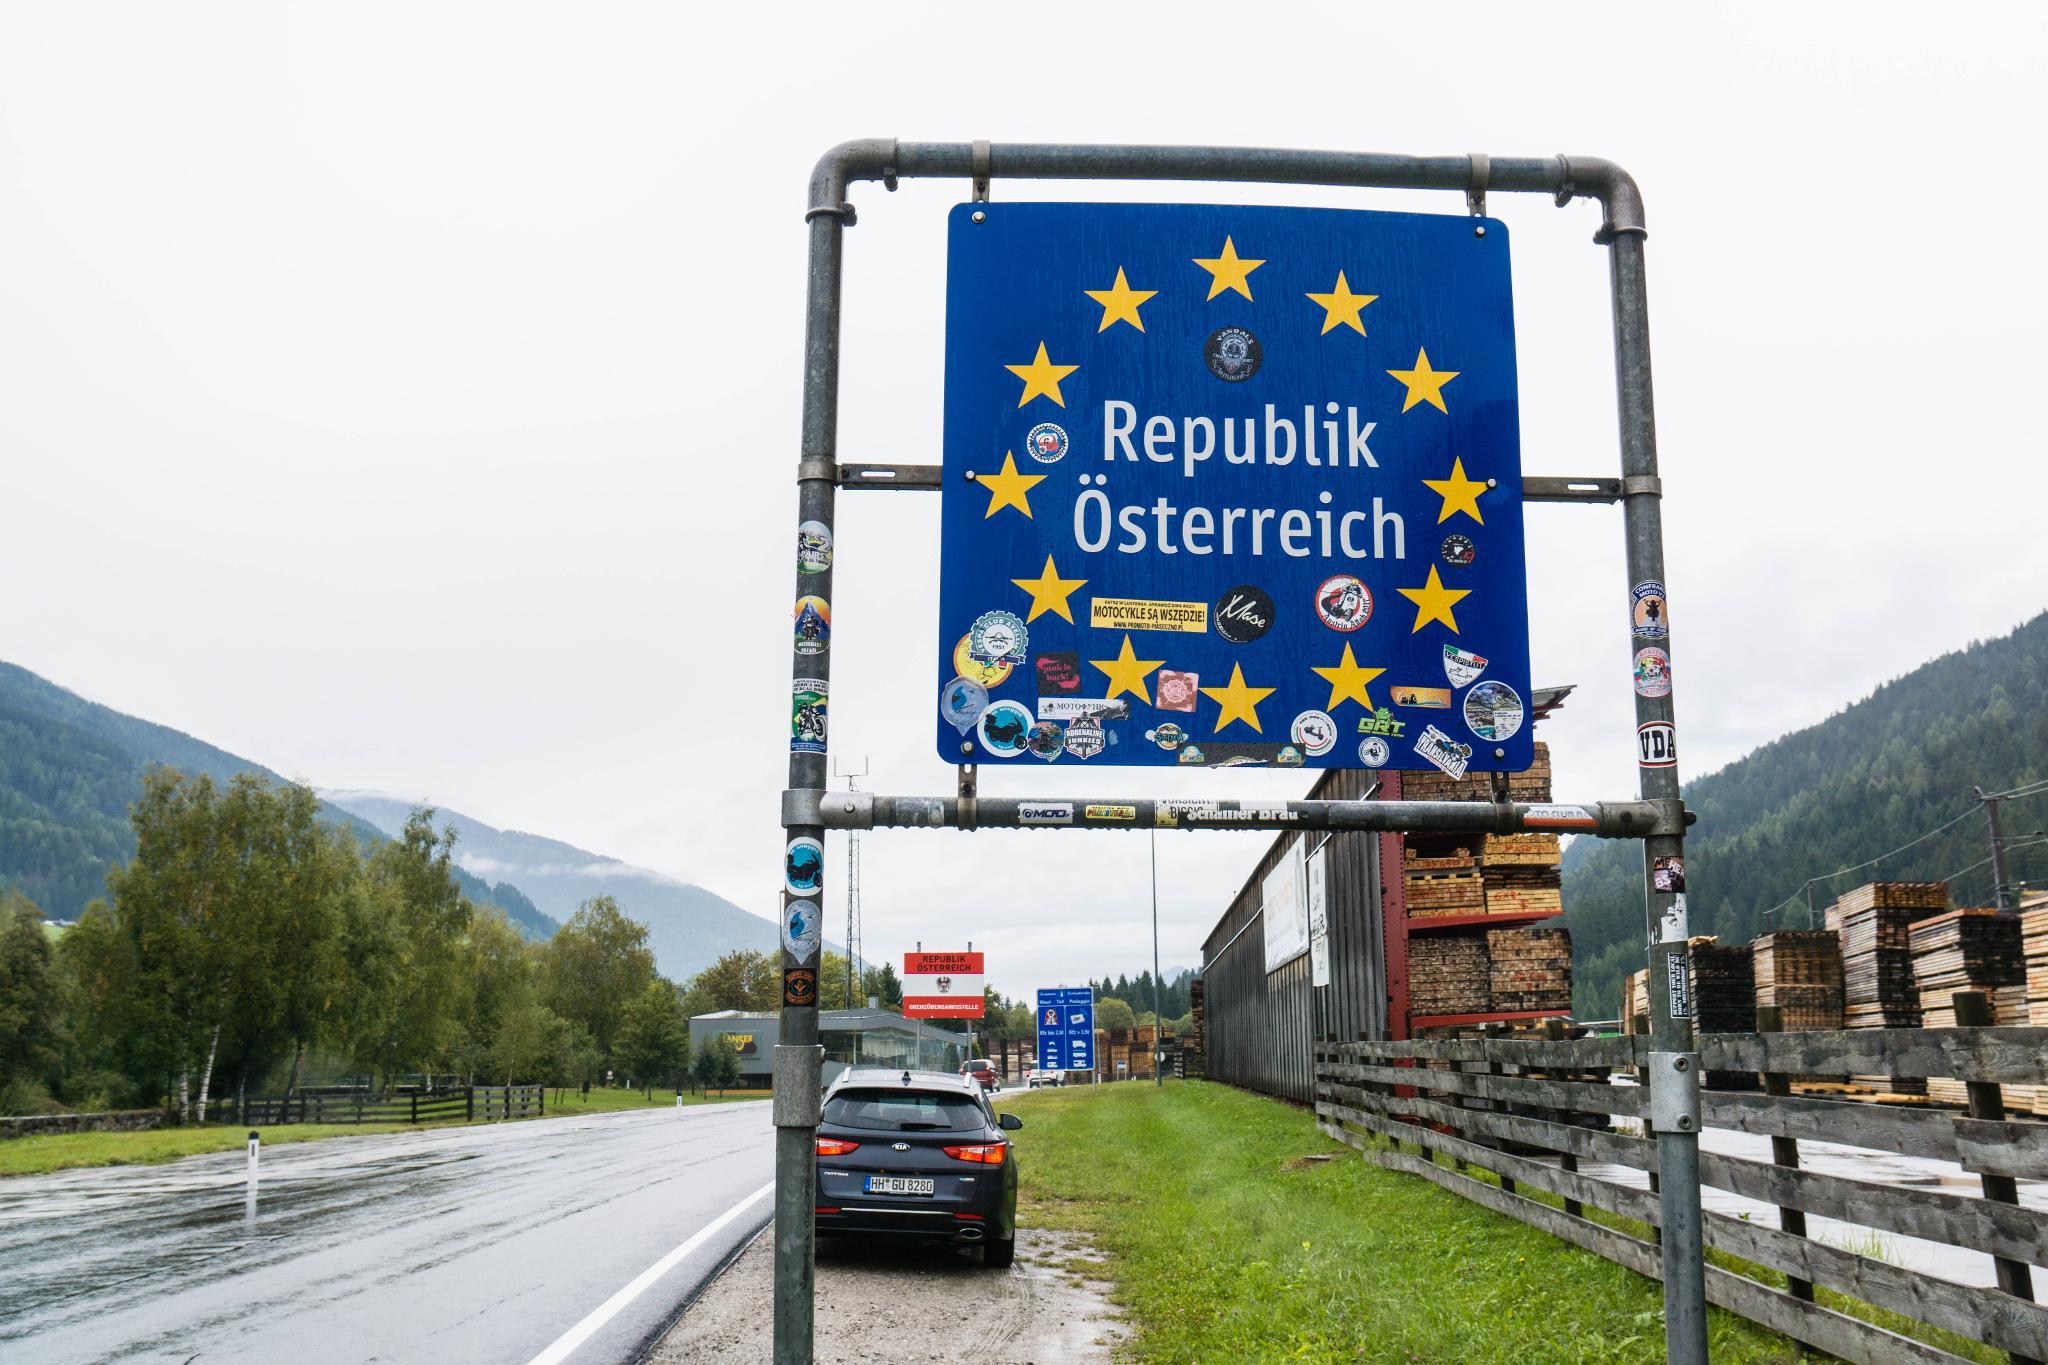 【奧地利】穿越阿爾卑斯之巔 — 奧地利大鐘山冰河公路 (Grossglockner High Alpine Road) 4